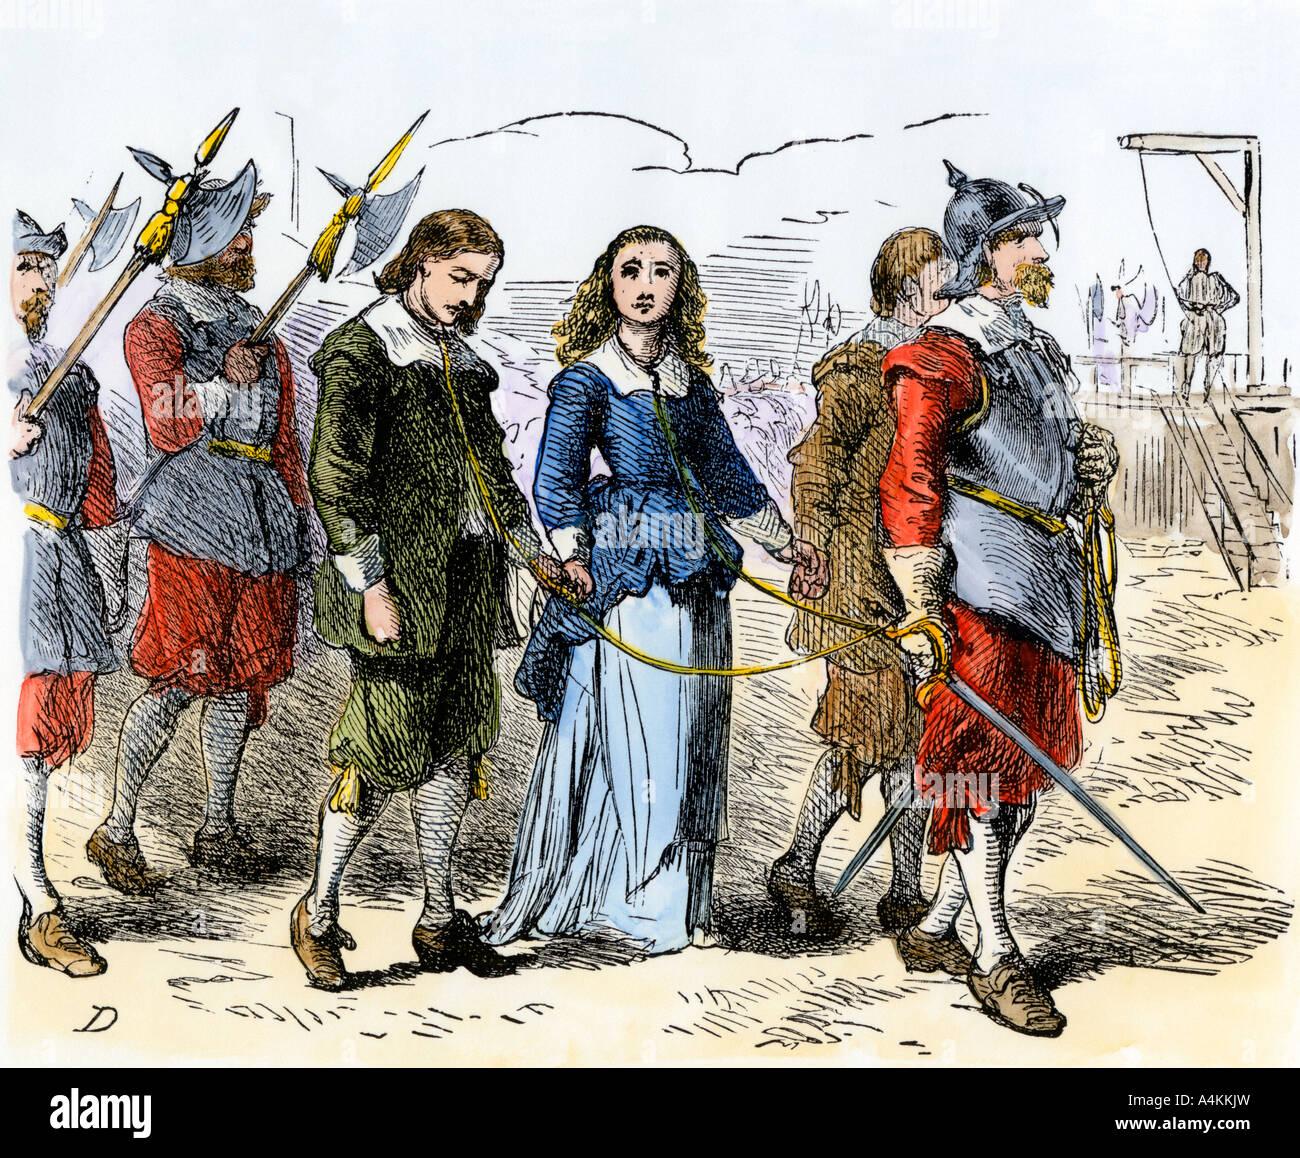 Quaccheri andando per la loro esecuzione in Puritan Massachusetts Bay Colony 1600s. Colorate a mano la xilografia Immagini Stock